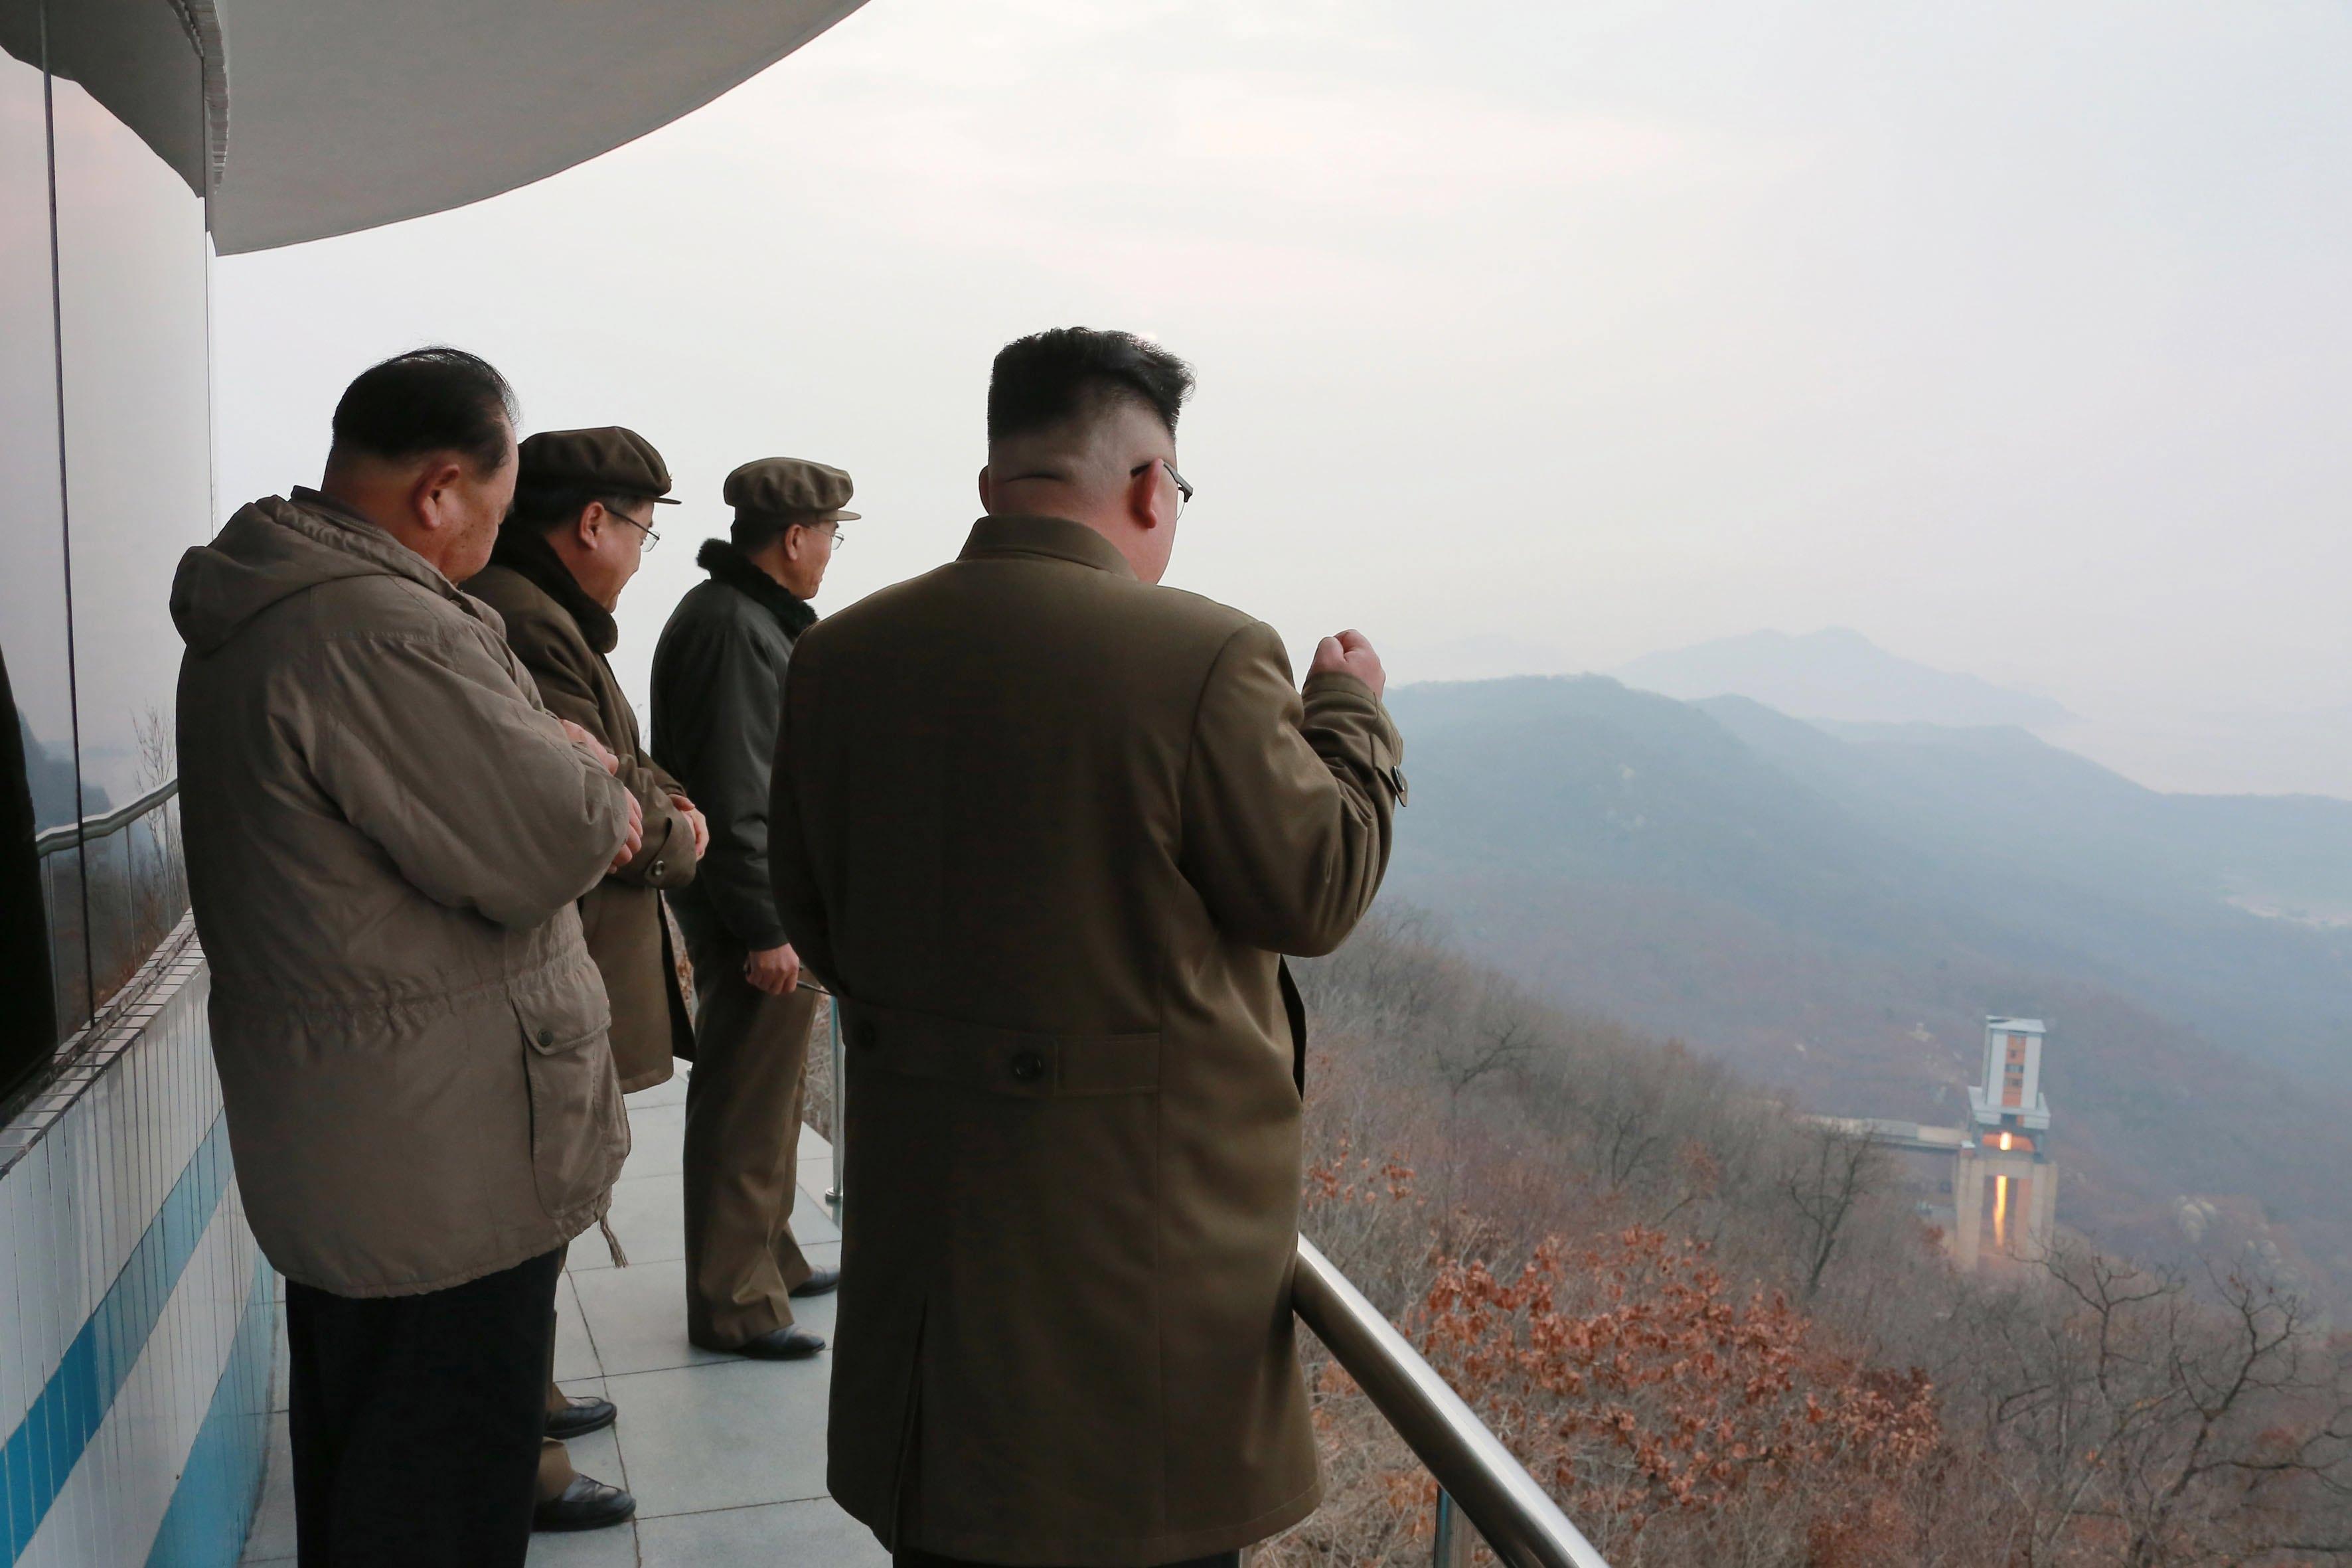 正值美國國務卿提勒森在中國訪問之際,北韓再次公然挑釁,19日高調宣布前一天成功測試新型大功率火箭引擎的地面點火,表示洲際導彈發展能力已進入收尾階段,對美國構成實質潛在壓力。圖為北韓領導人金正恩親自觀看測試。 (歐新社)